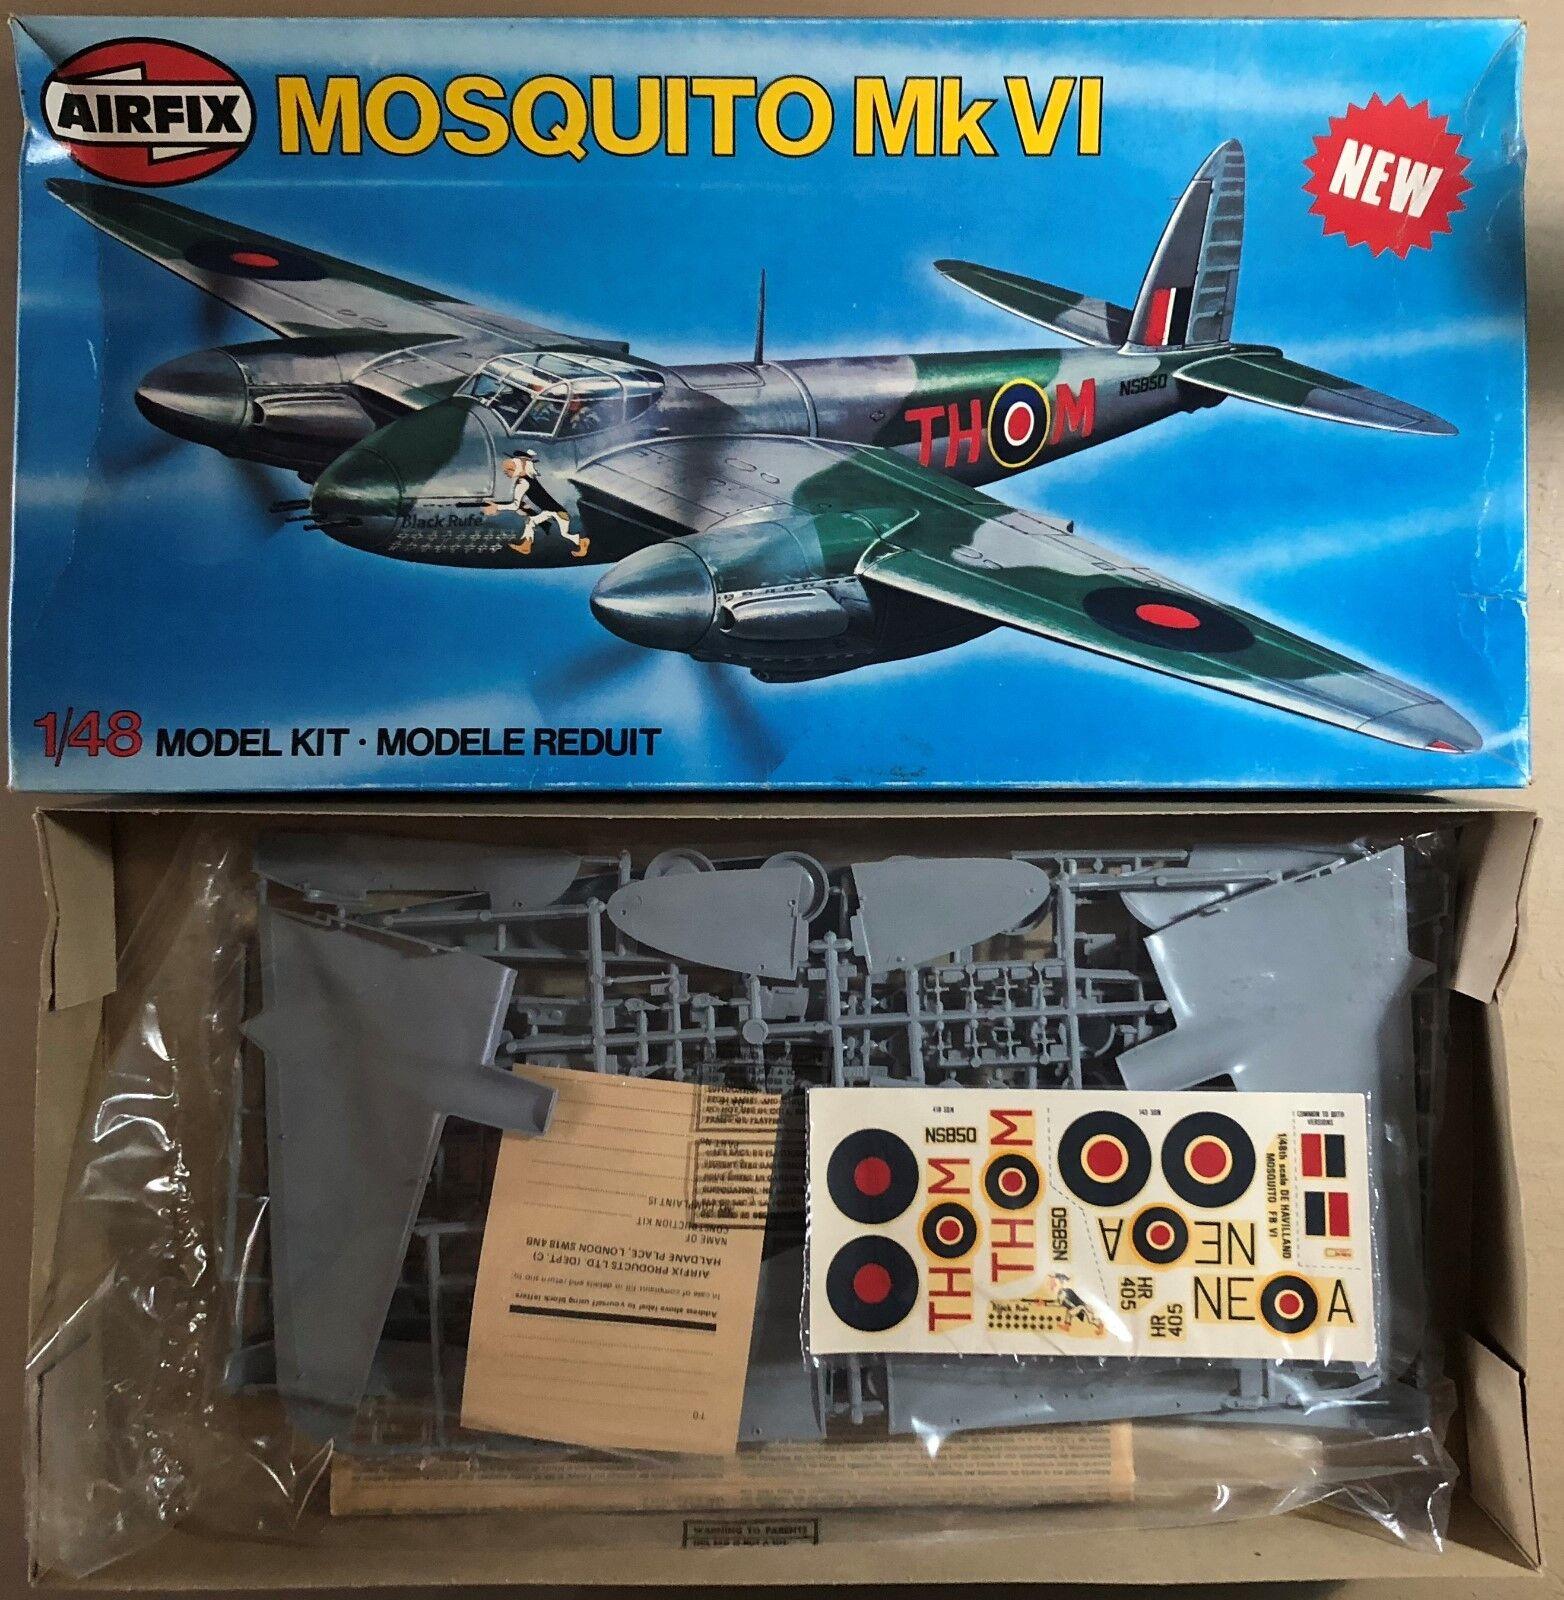 AIRFIX 07100-0 - MOSQUITO Mk VI - 1 48 PLASTIC KIT